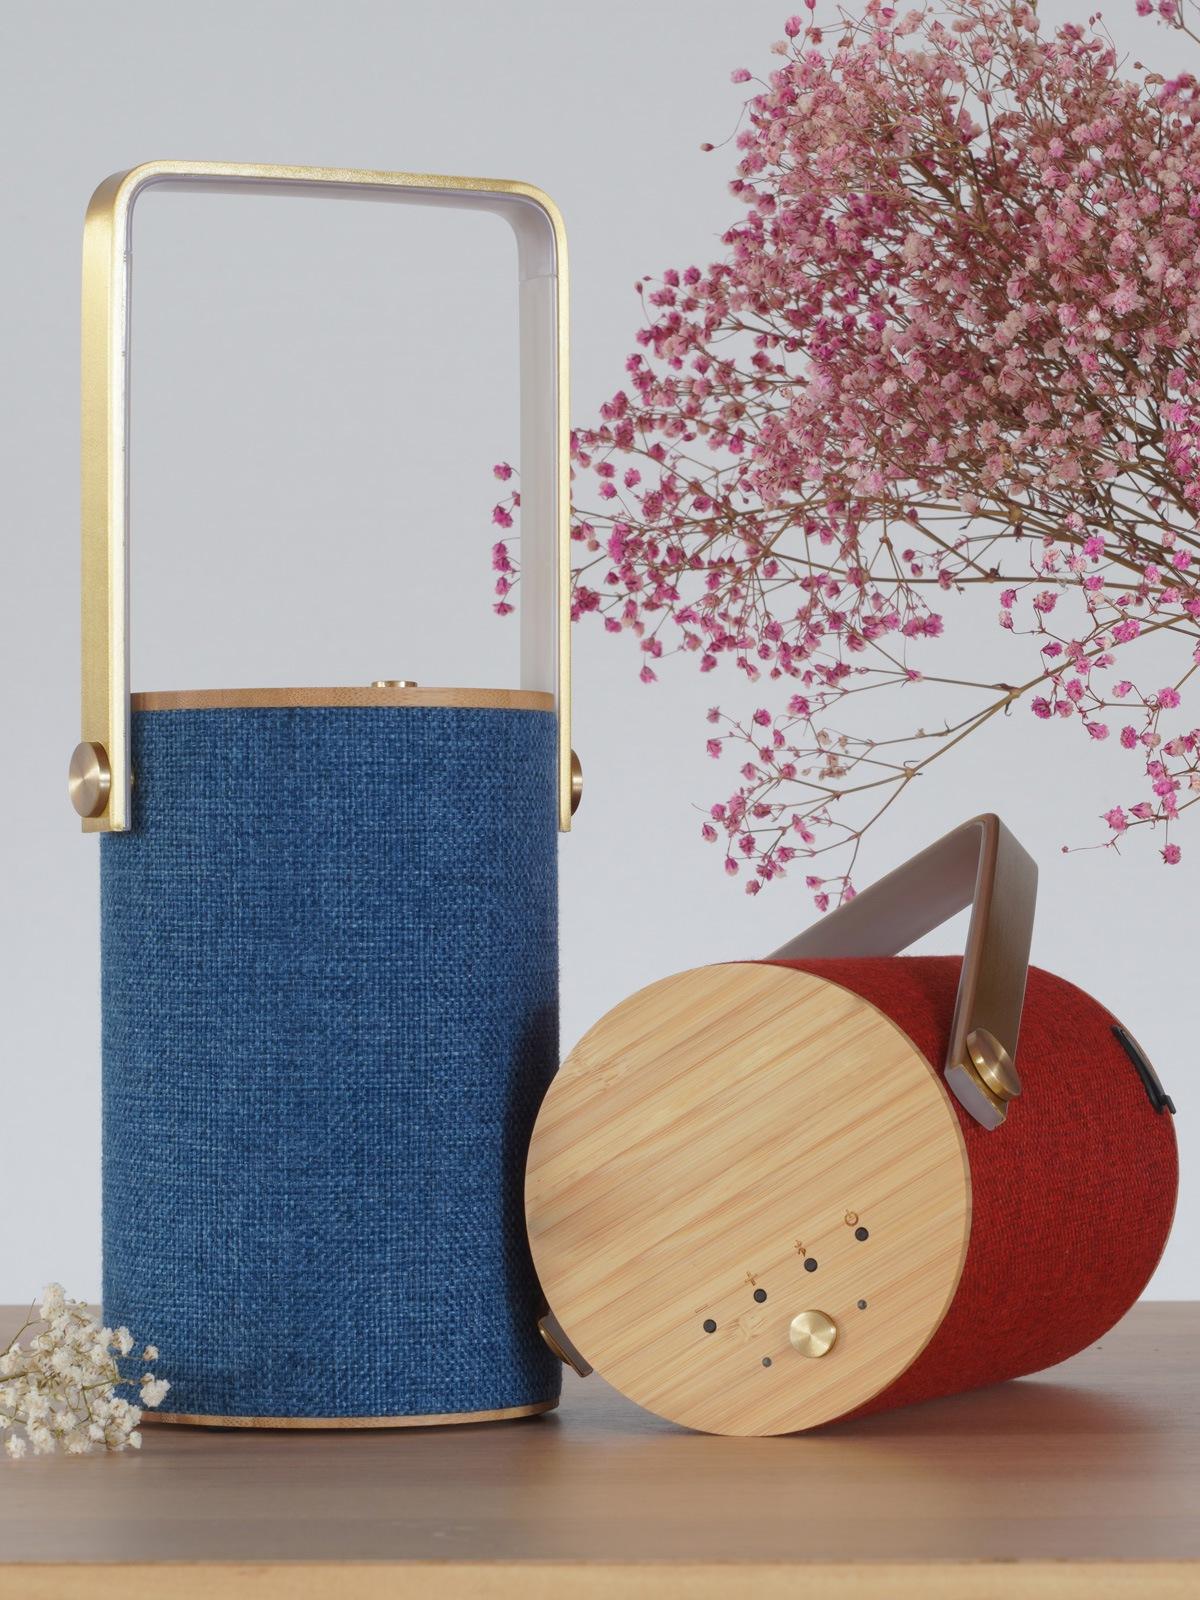 DesignOrt Blog: Akkuleuchte und Lautsprecher in einem Silo von LOOM Design online kaufen bei DesignOrt